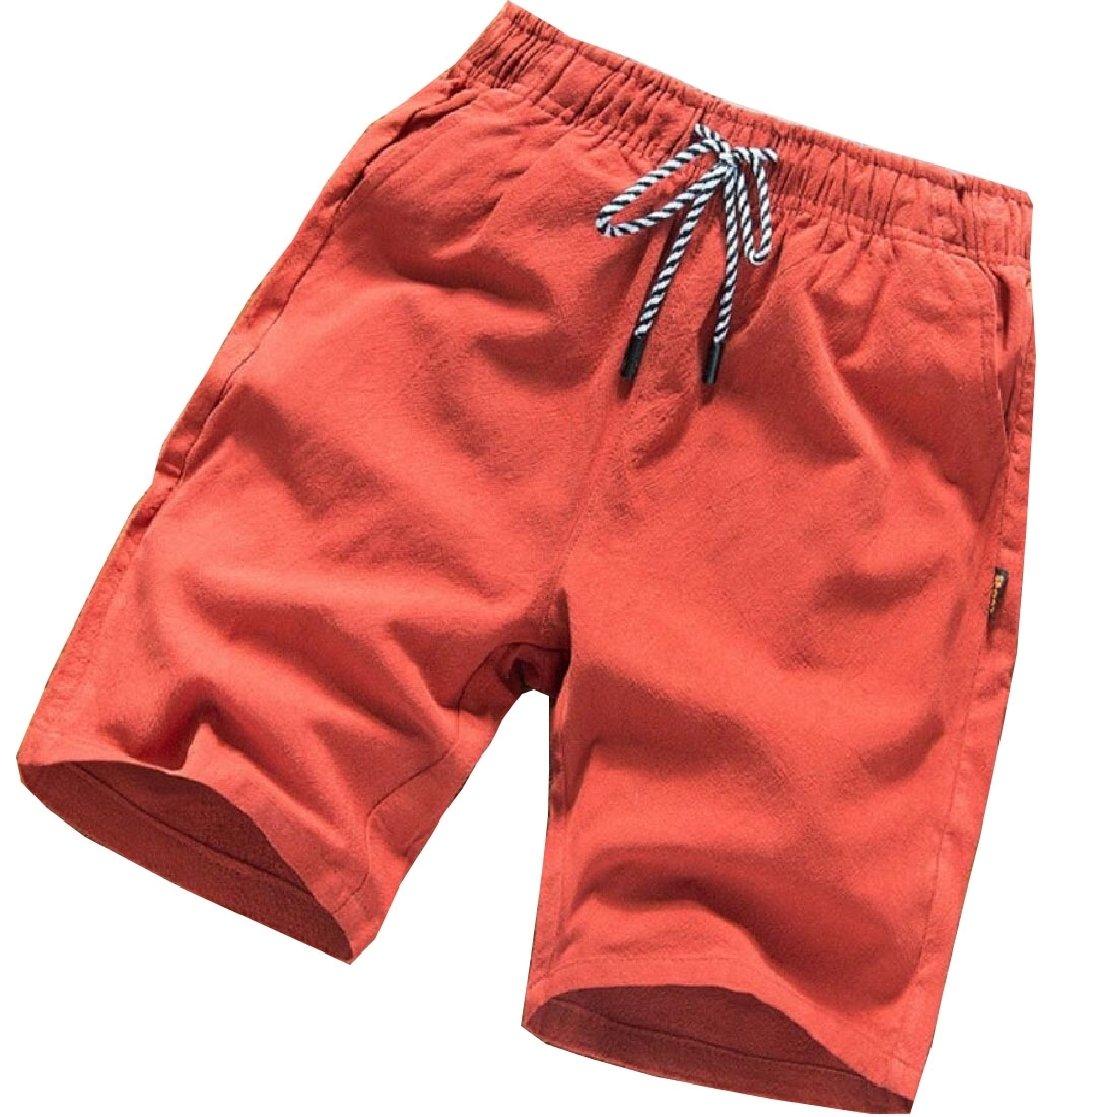 Gocgt Men's Summer Elastic Waist Linen Drawstring Beach Short Pant